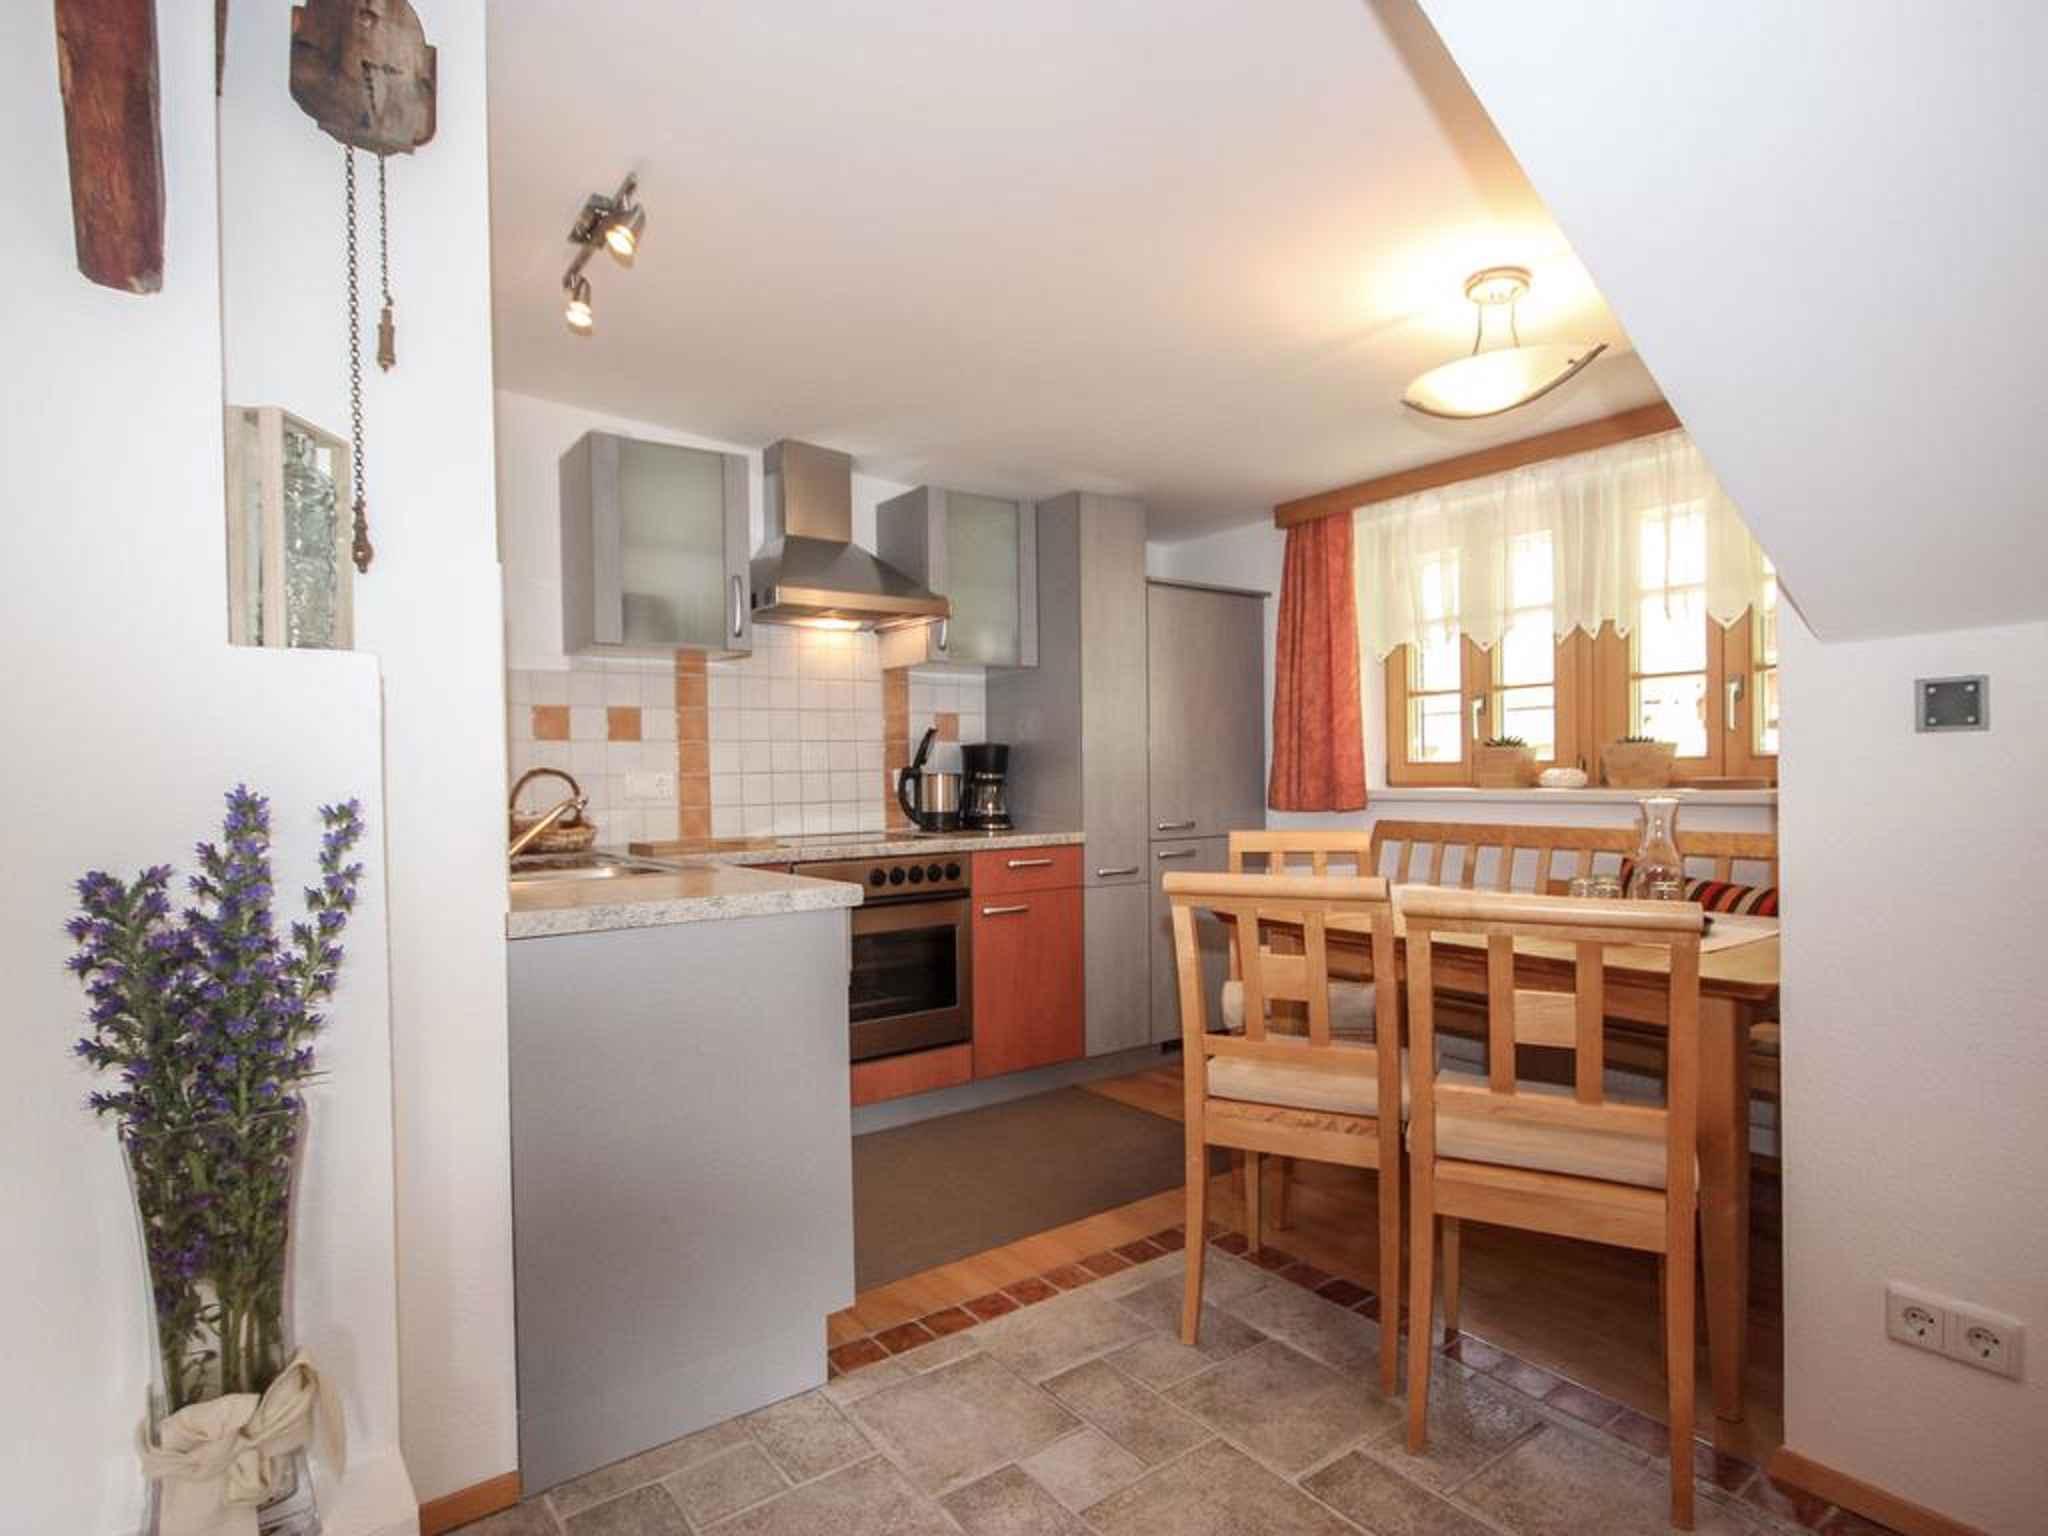 Ferienwohnung in einem über 300 Jahre alten Holzhaus (283707), Sölden (AT), Ötztal, Tirol, Österreich, Bild 14